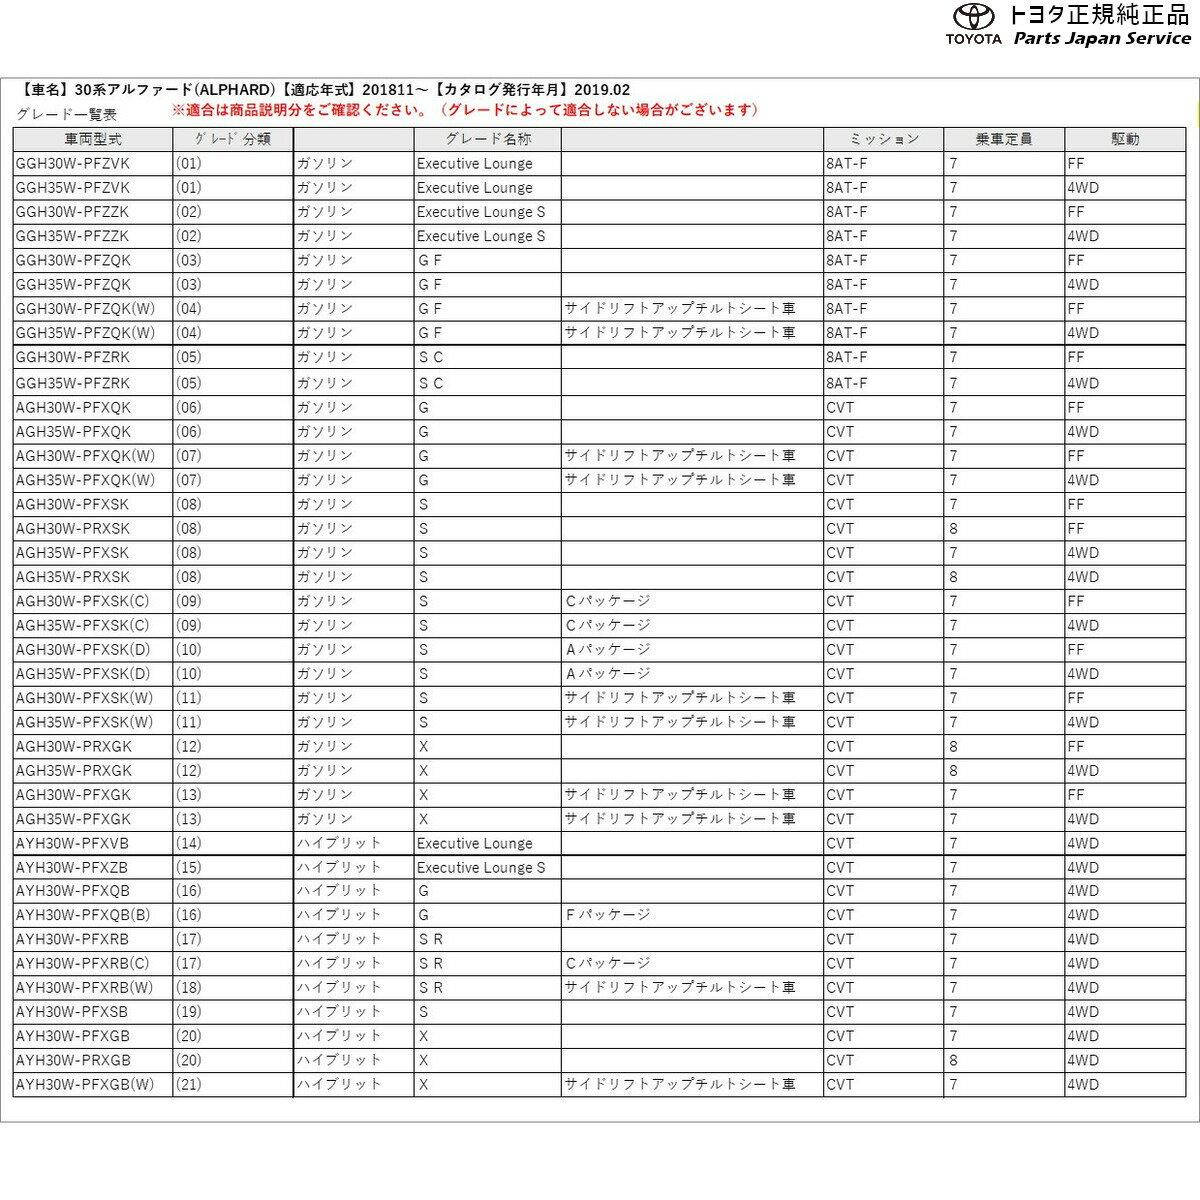 30系アルファード カーカバー(防炎タイプ) 08372-58030 トヨタ GGH30W GGH35W AGH30W AGH35W AYH30W 30ALPHARD TOYOTA